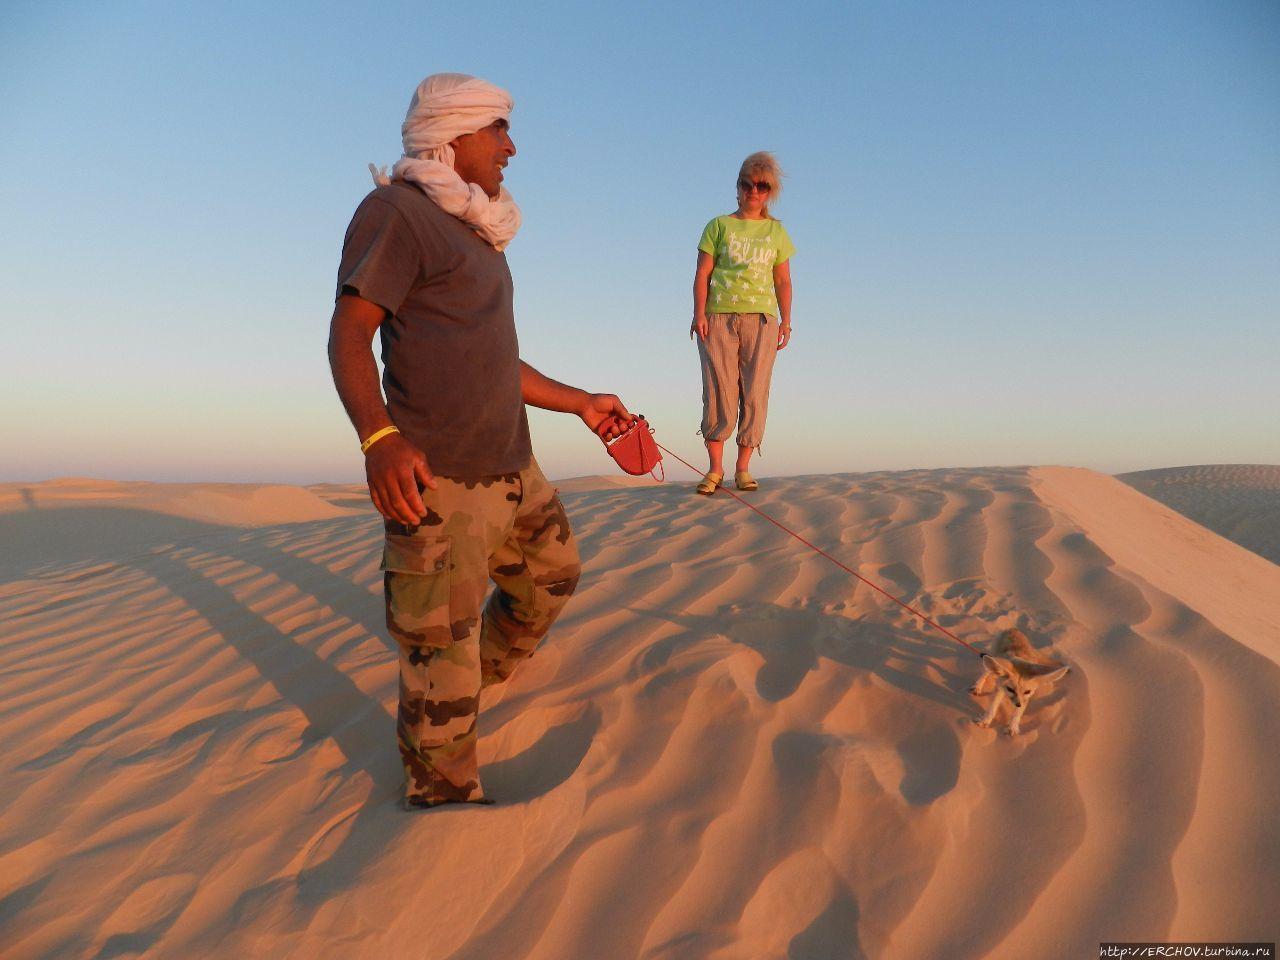 Экскурсия в Сахару. Ч — 4. Катание на верблюдах